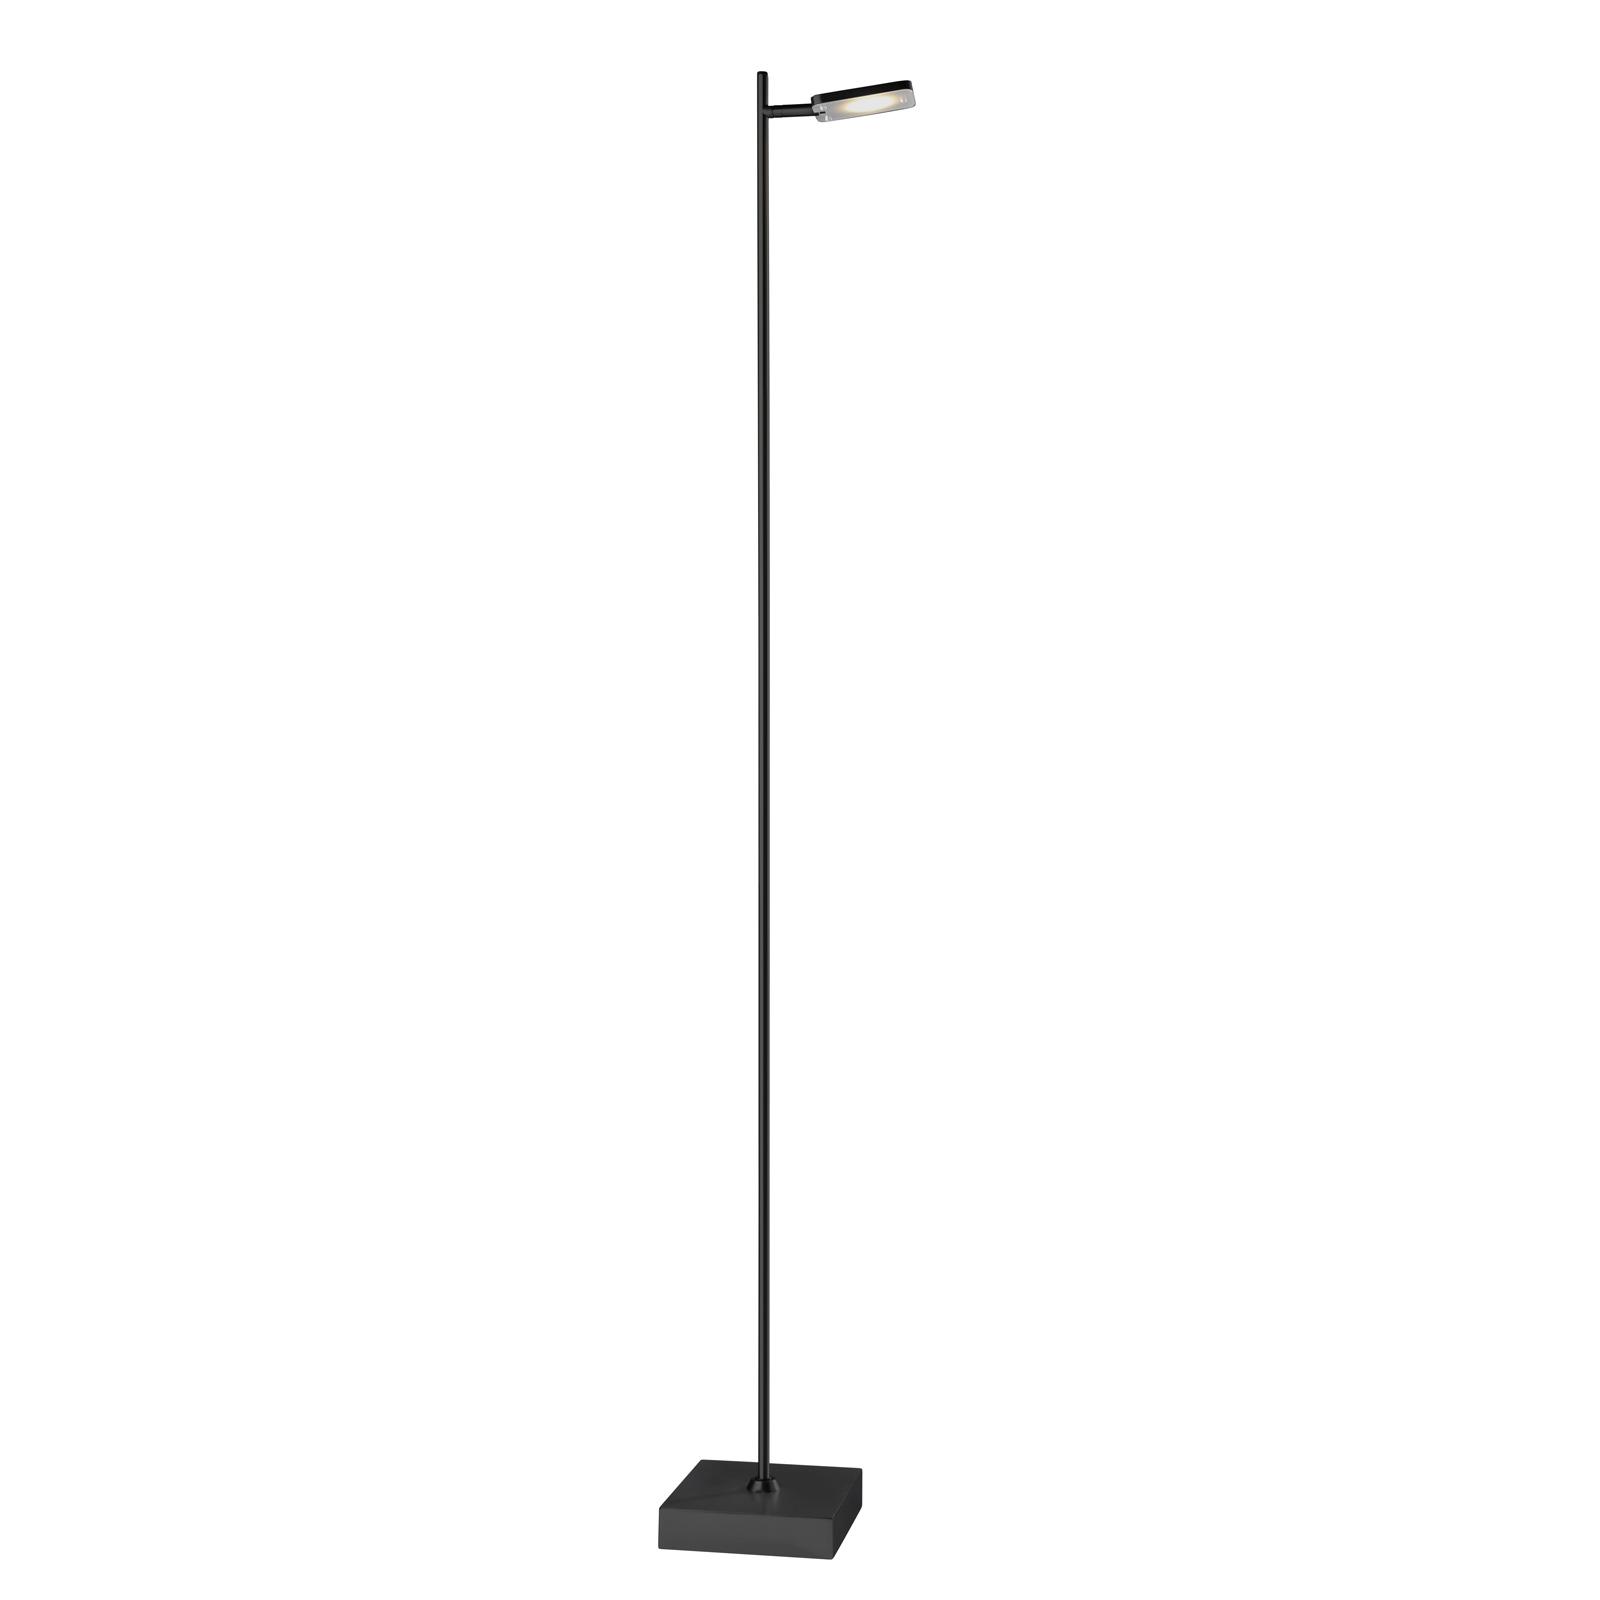 LED vloerlamp Quad, dimmer, 1-lamp, zwart